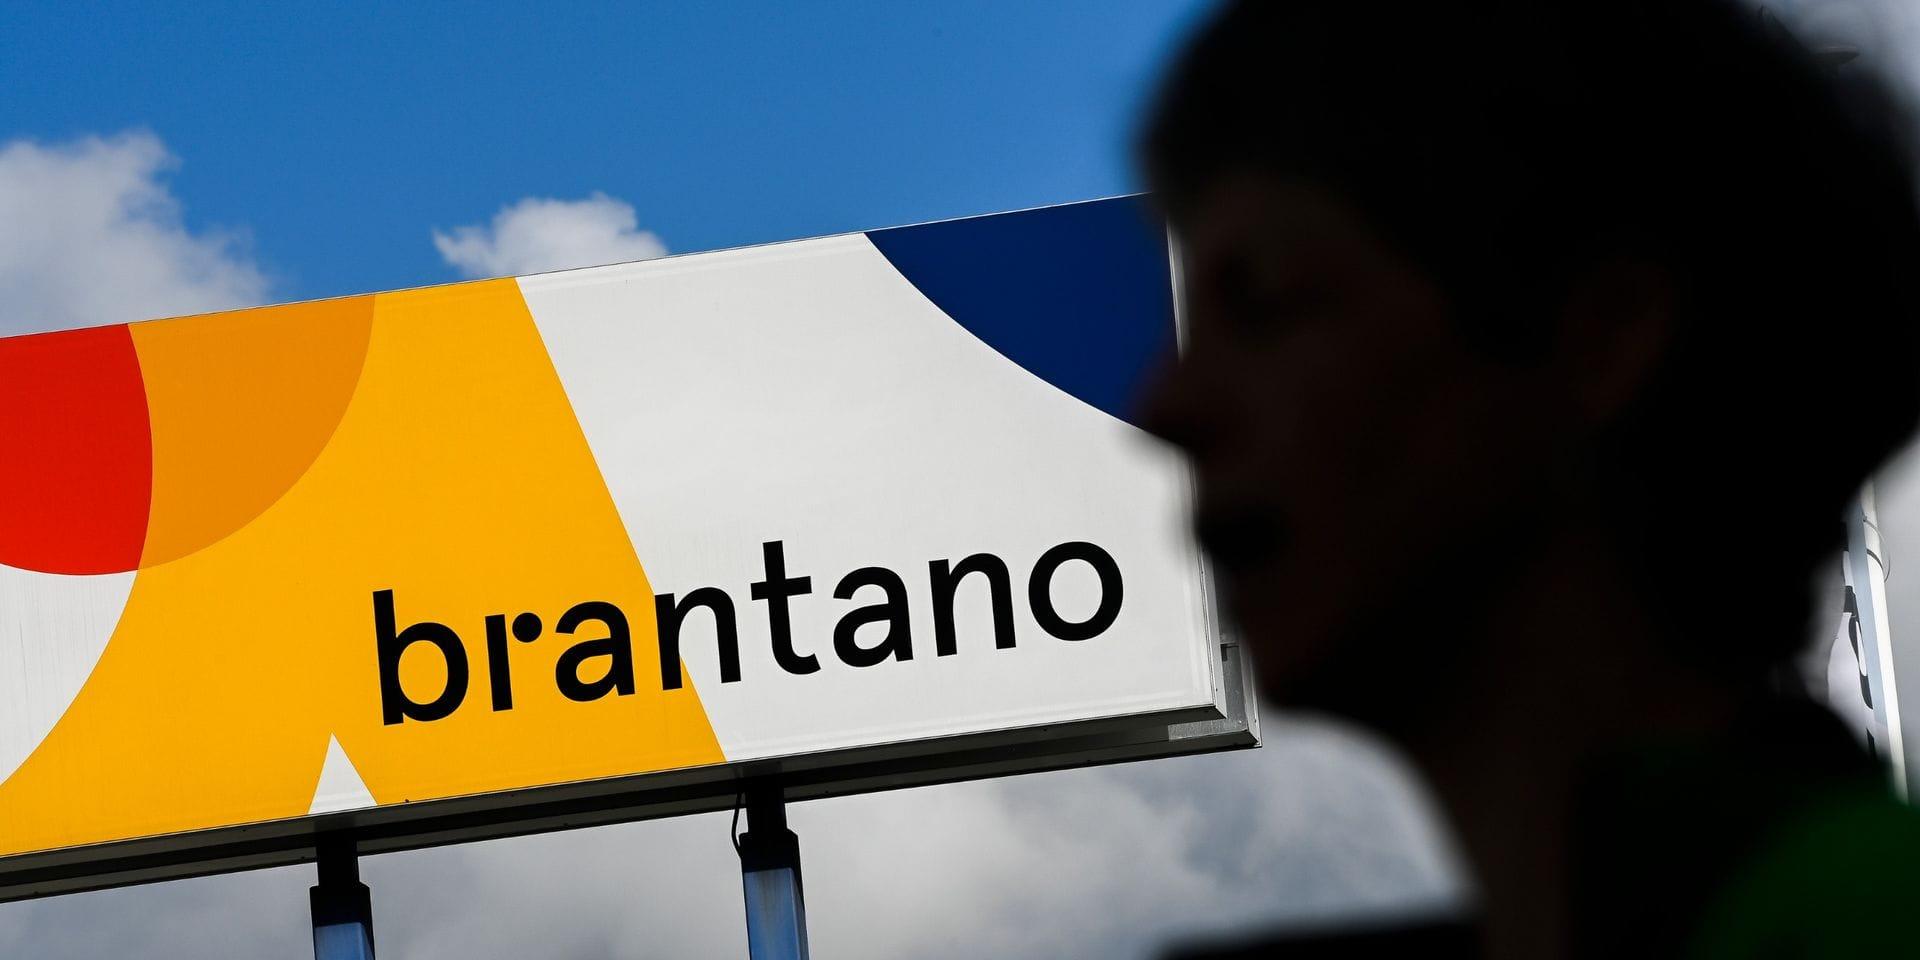 FNG (Brantano) verse 100 millions d'euros à l'ancien propriétaire de sa filiale d'e-commerce